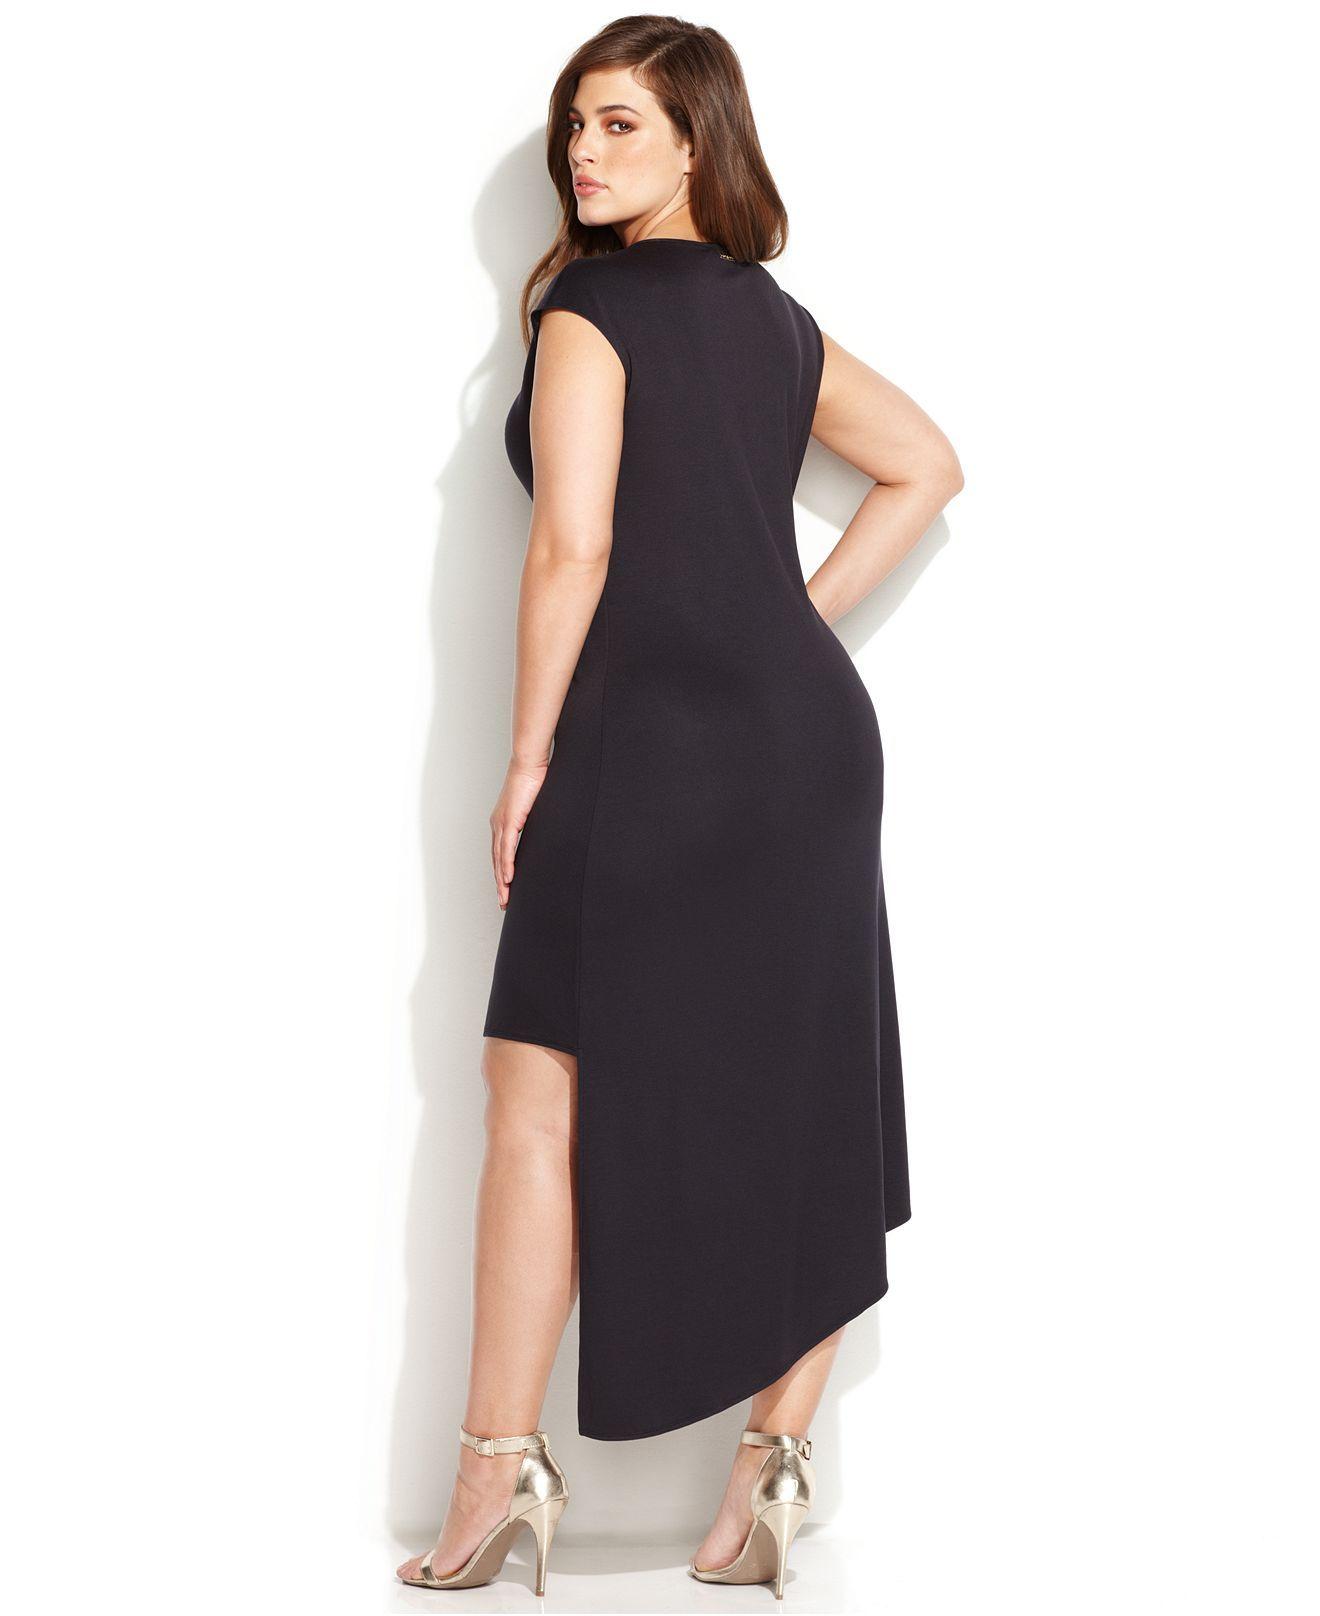 2dc00c204c8 MICHAEL Michael Kors Plus Size Cap-Sleeve High-Low Dress - Plus Size Dresses  - Plus Sizes - Macy s